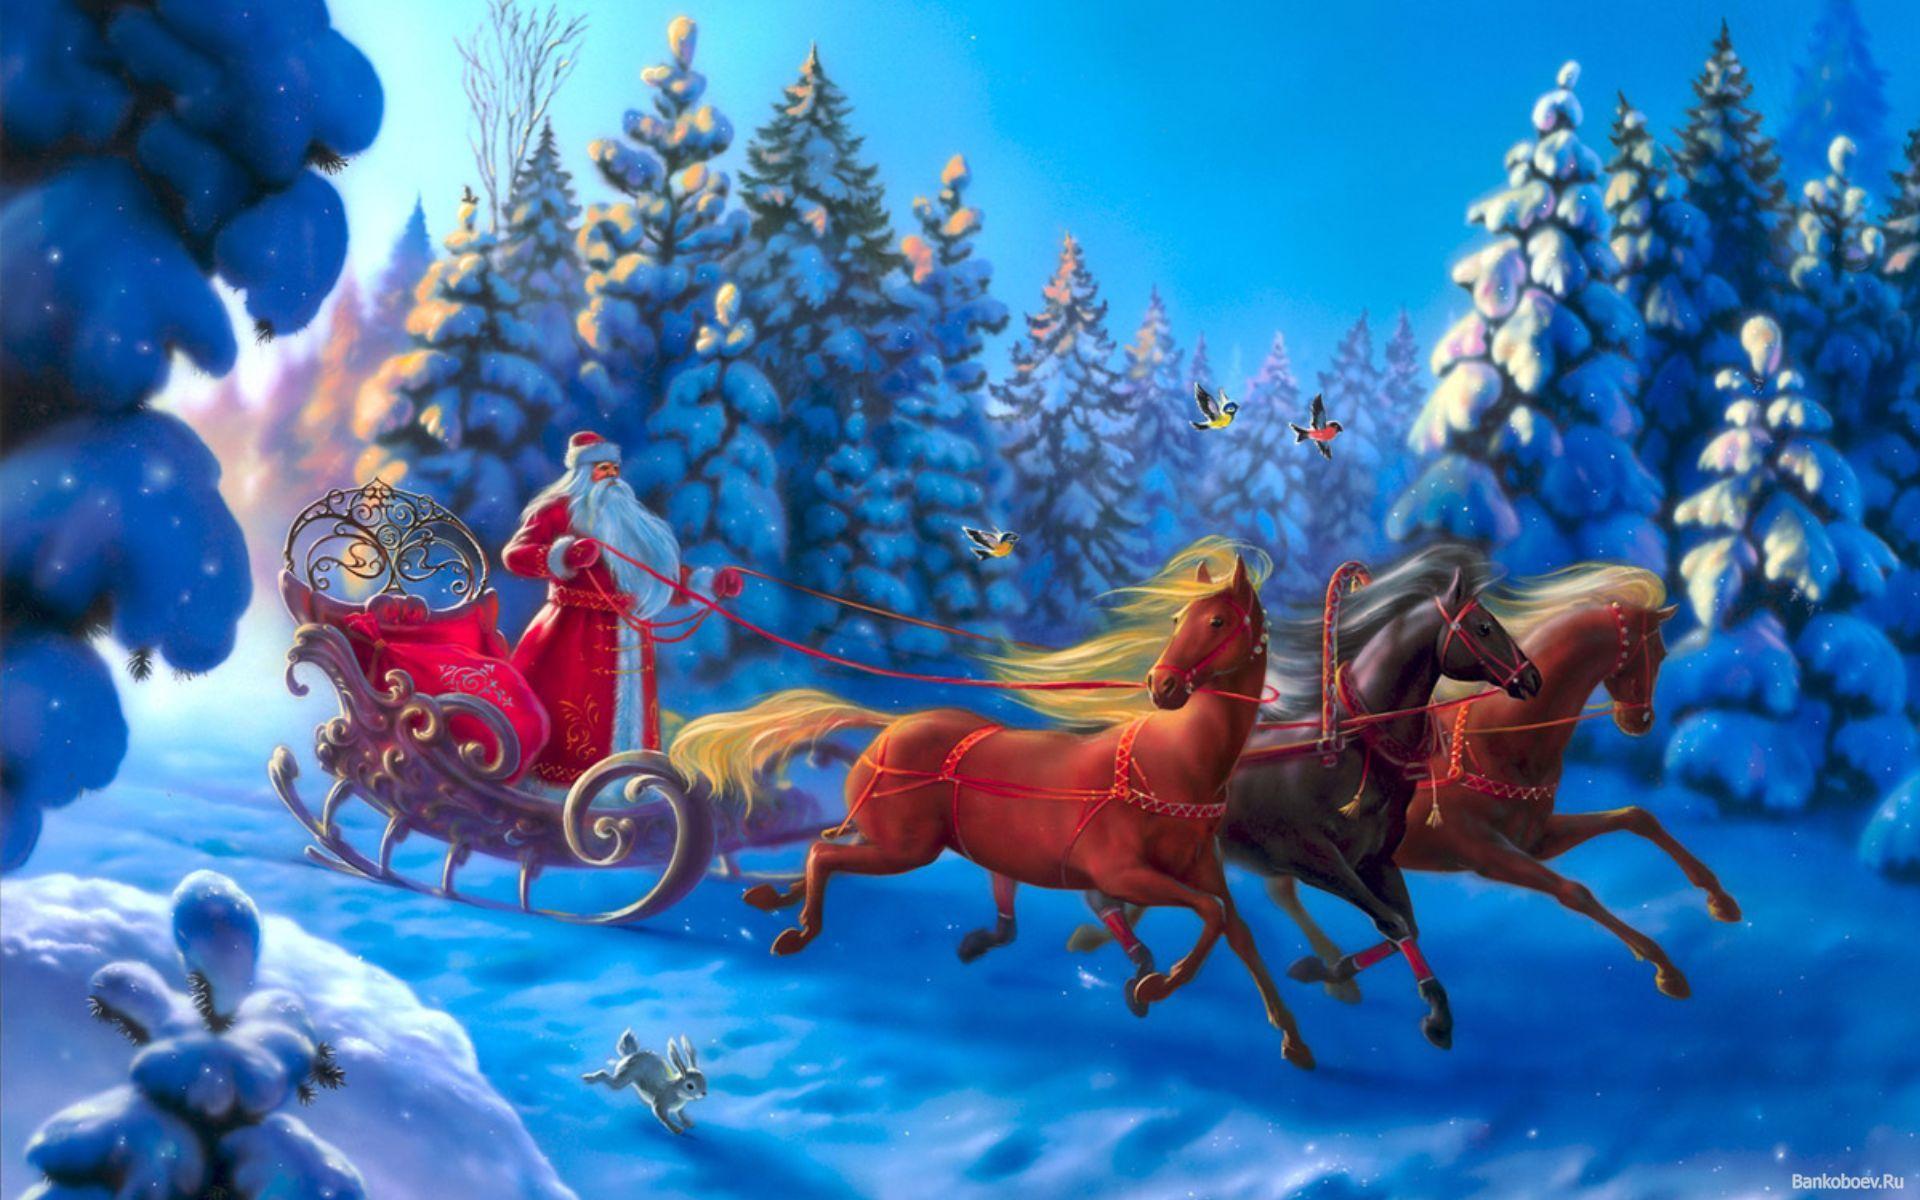 Открытки. С Днем Рождения Деда Мороза. Поздравляем!